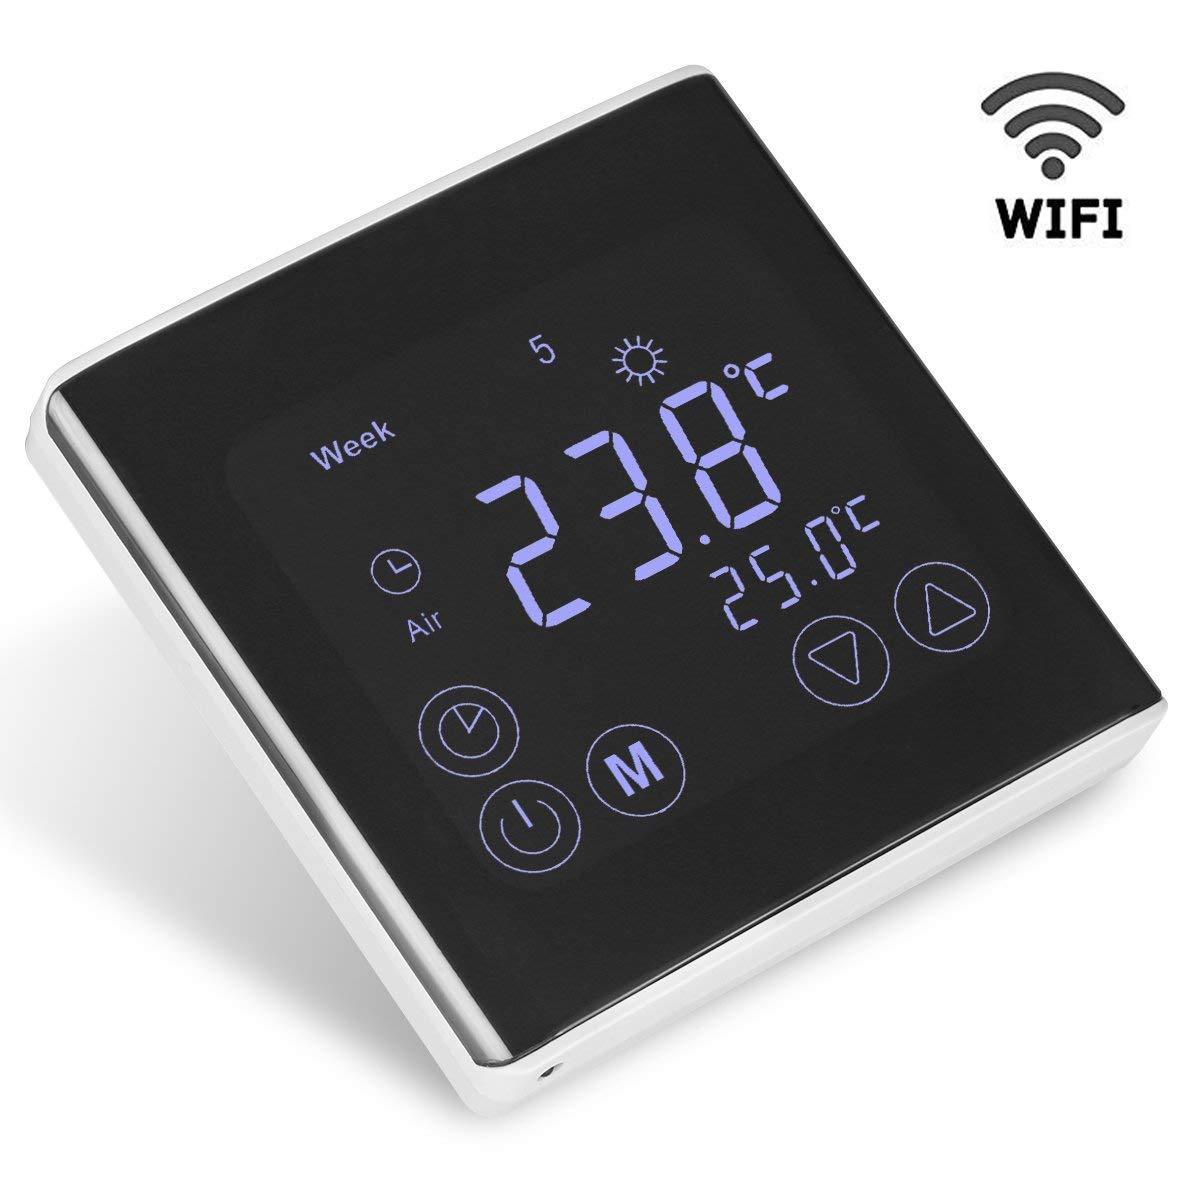 Termostato con WIFI, FLOUREON Termostato Eléctrico con Calefacción de Piso con WIFI, Digital y Programable, con Pantalla Táctil LCD, Control ON-LINE, 230 V, ...